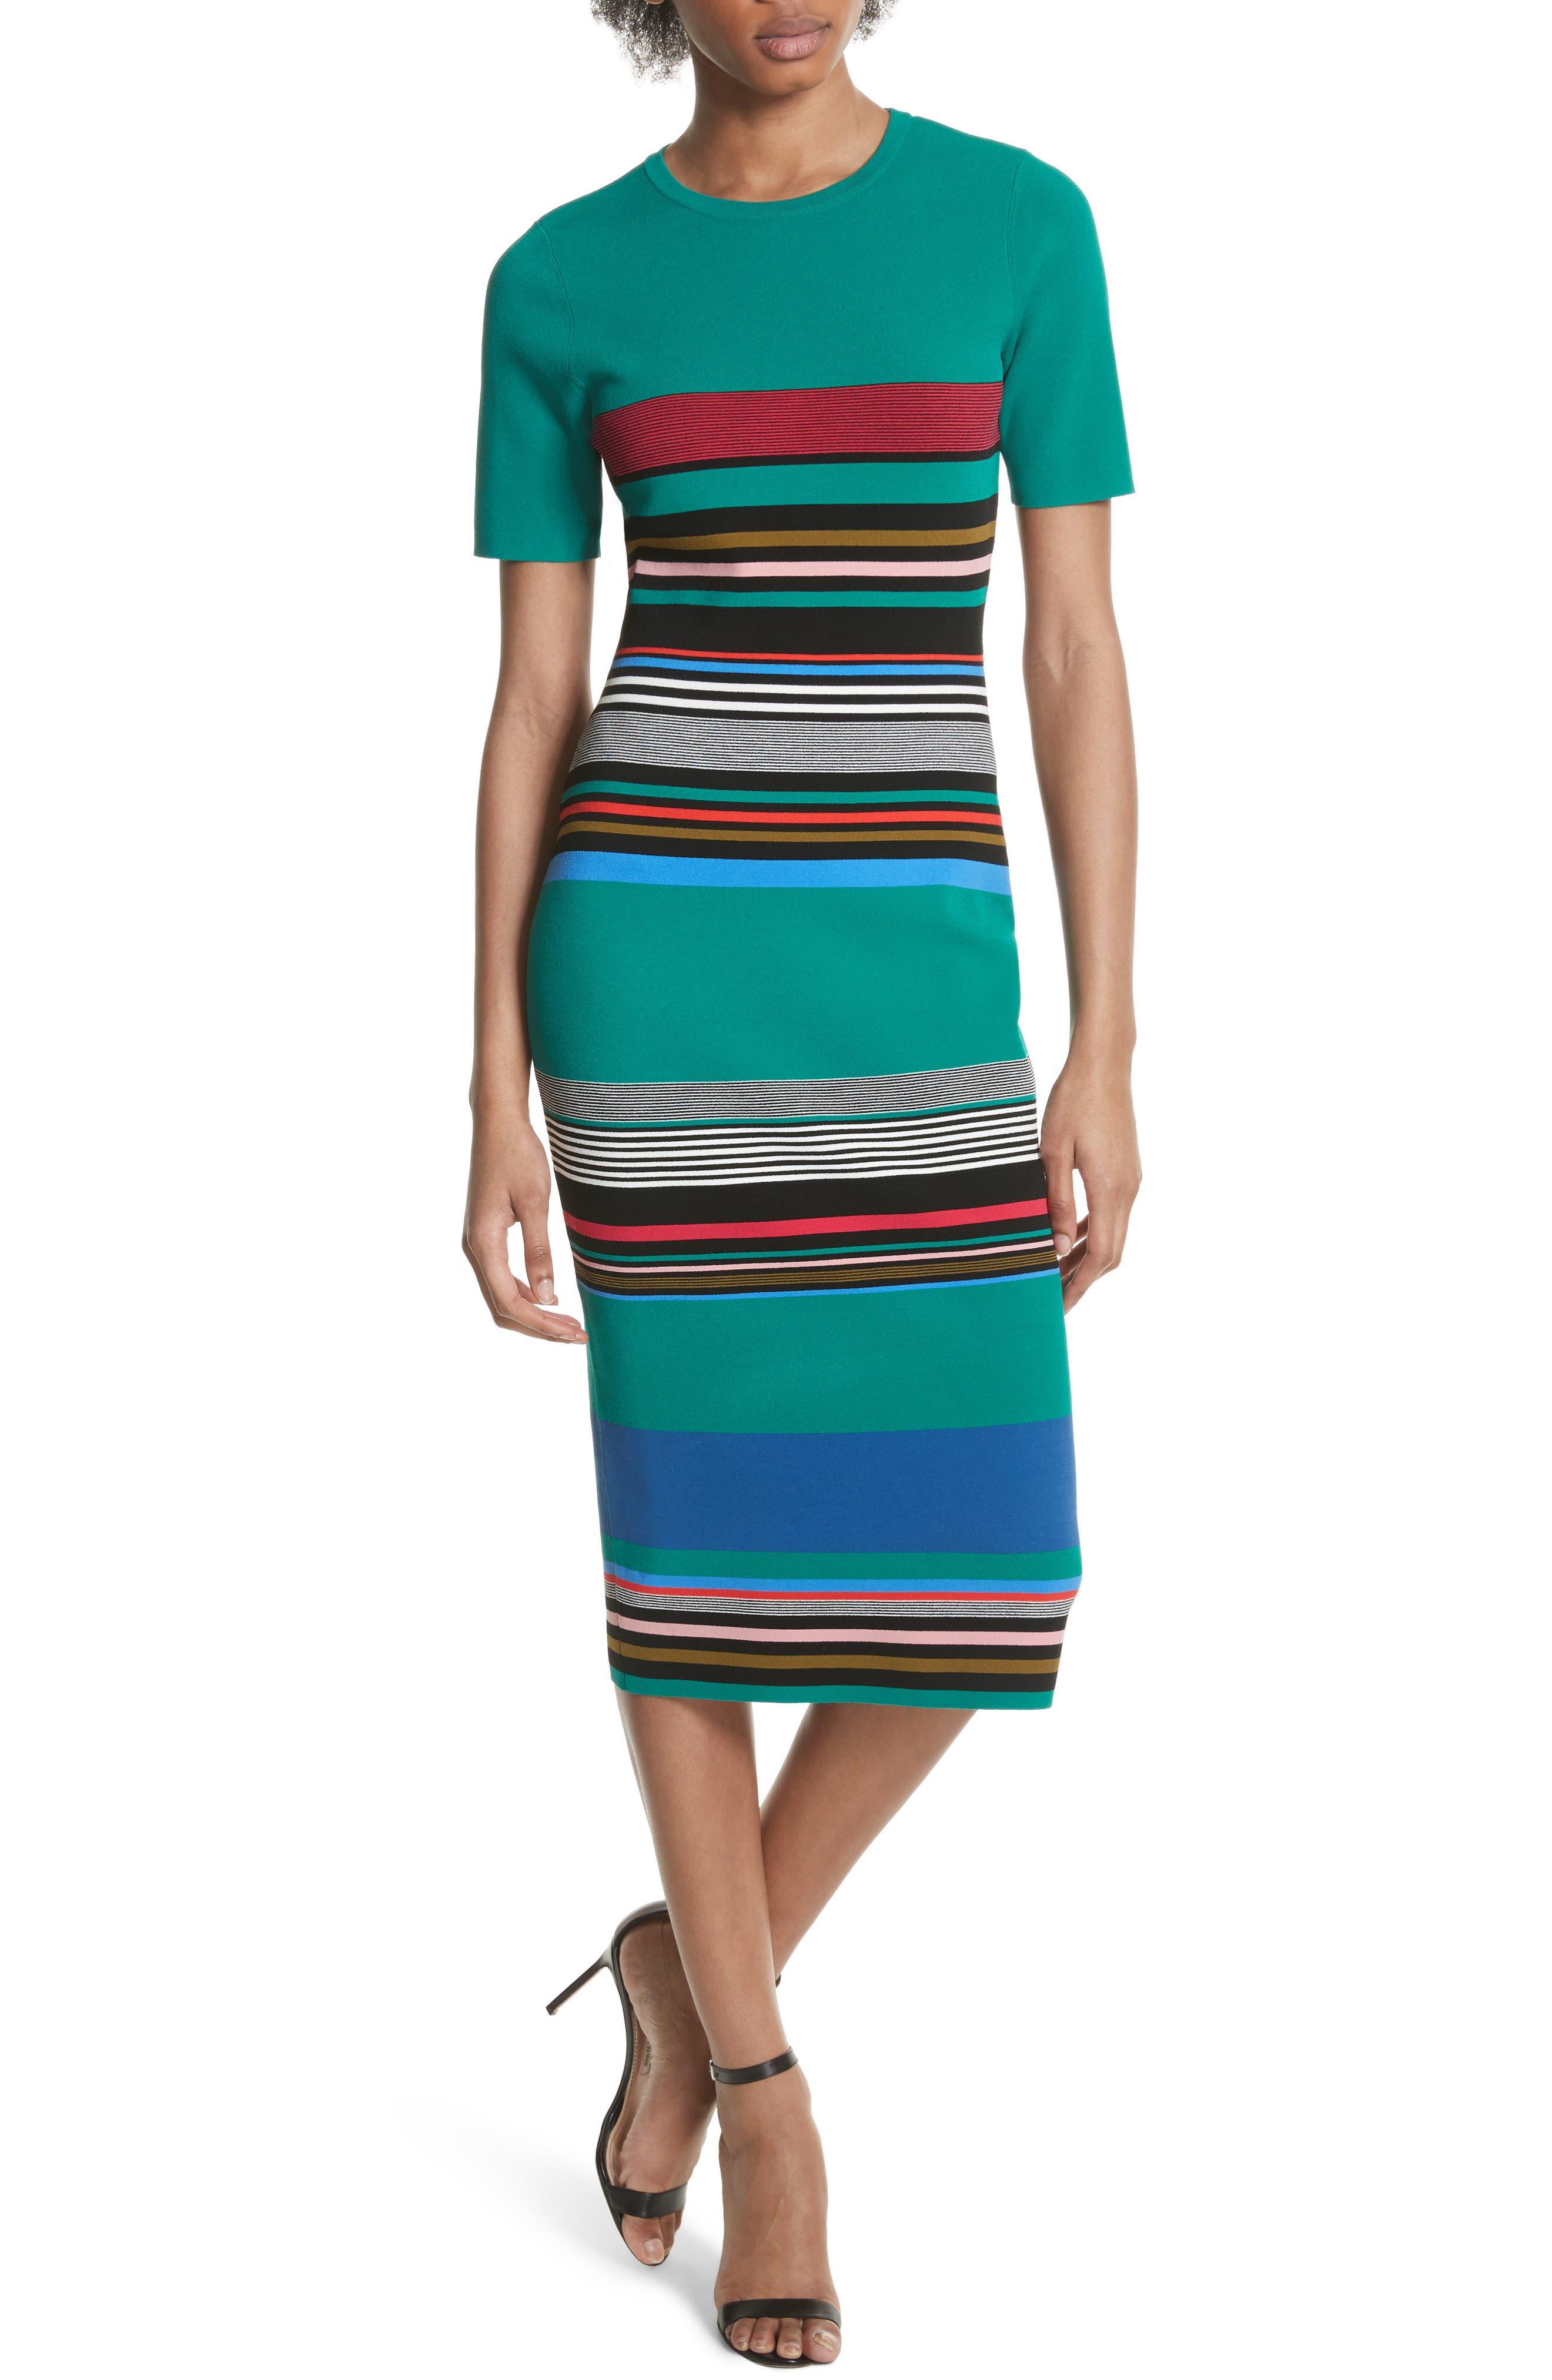 Diane von Furstenberg Stripe Short Sleeve Sweater Dress